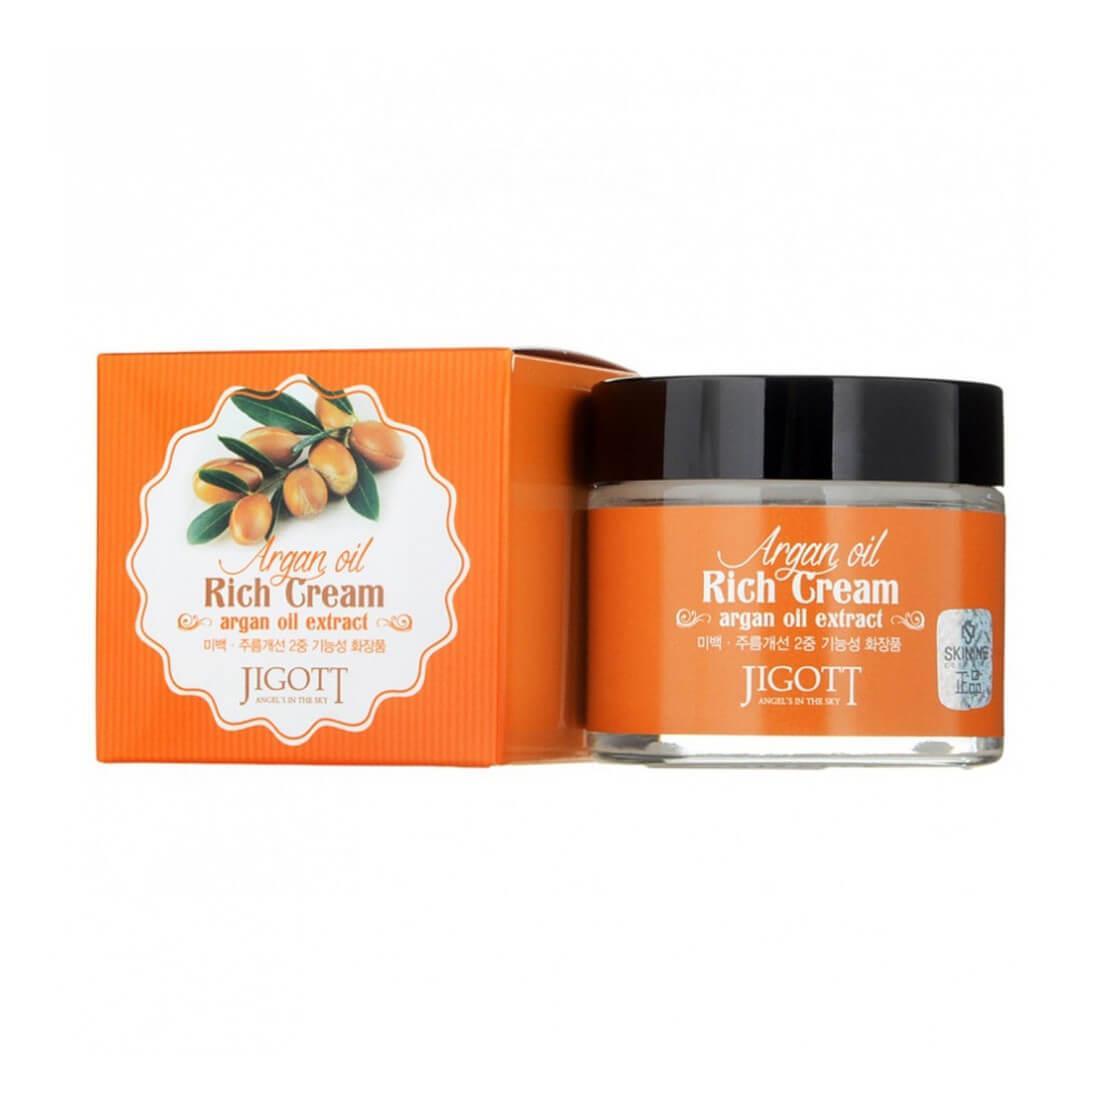 Питательный крем для лица с аргановым маслом Jigott Argan Oil Rich Cream 70 мл